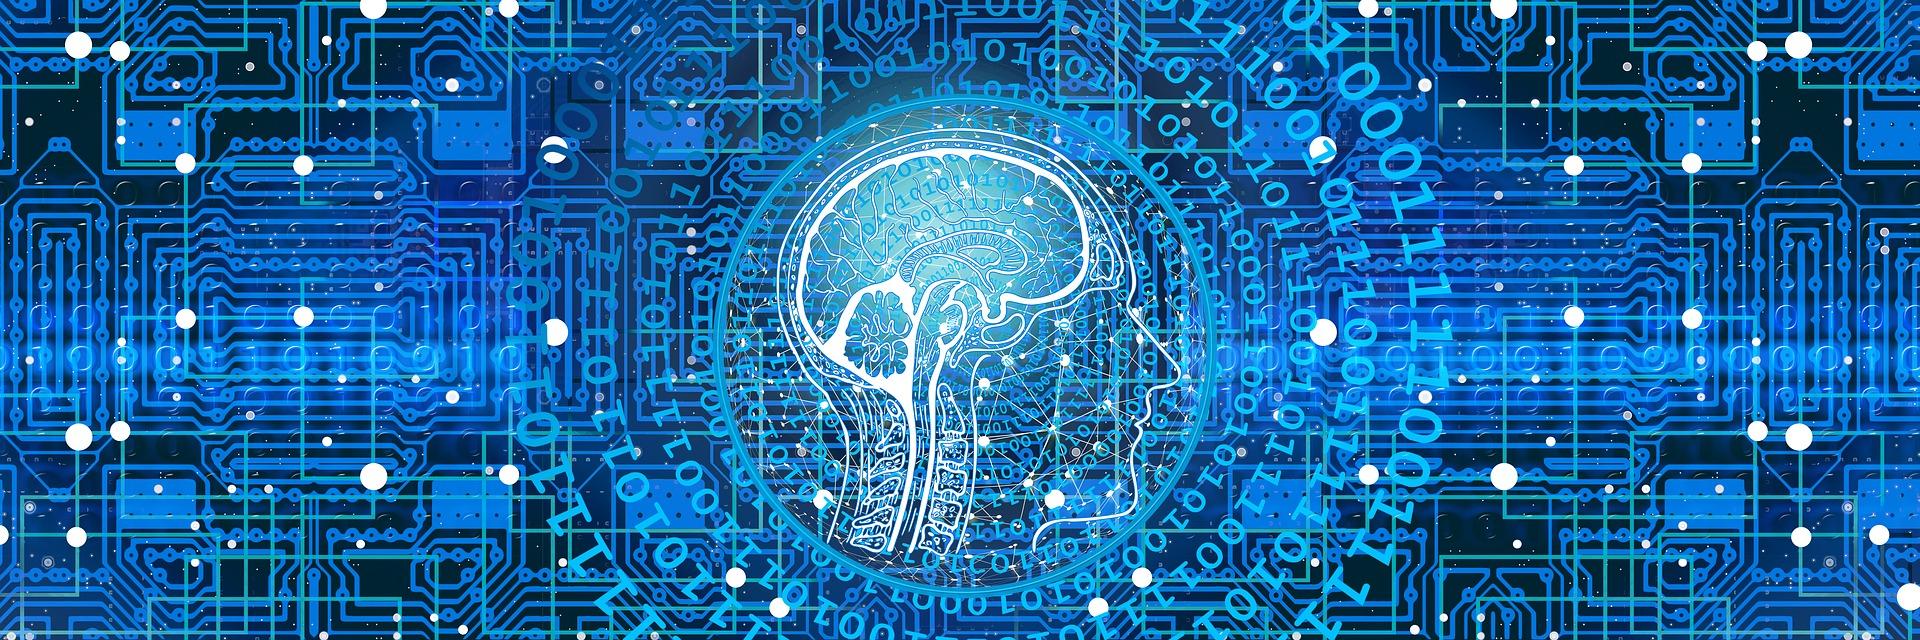 Wie wird künstliche Intelligenz unser Leben verändern?